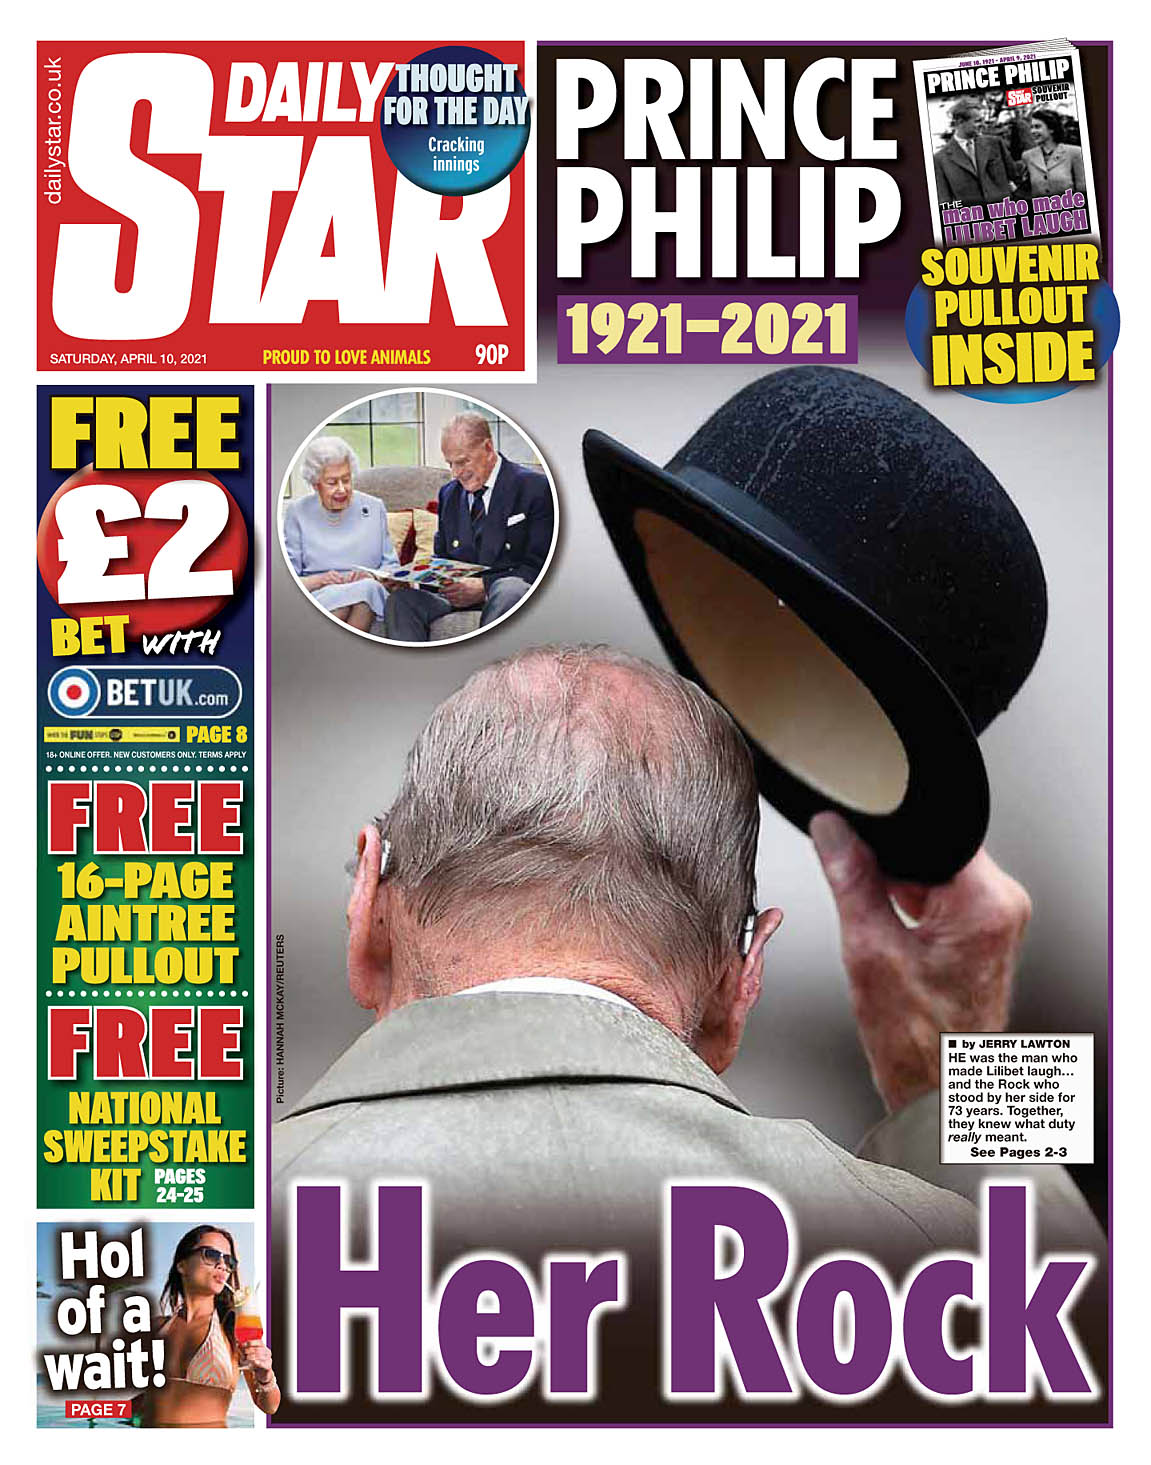 Daily Star 2021-04-10 Royal-1.jpg